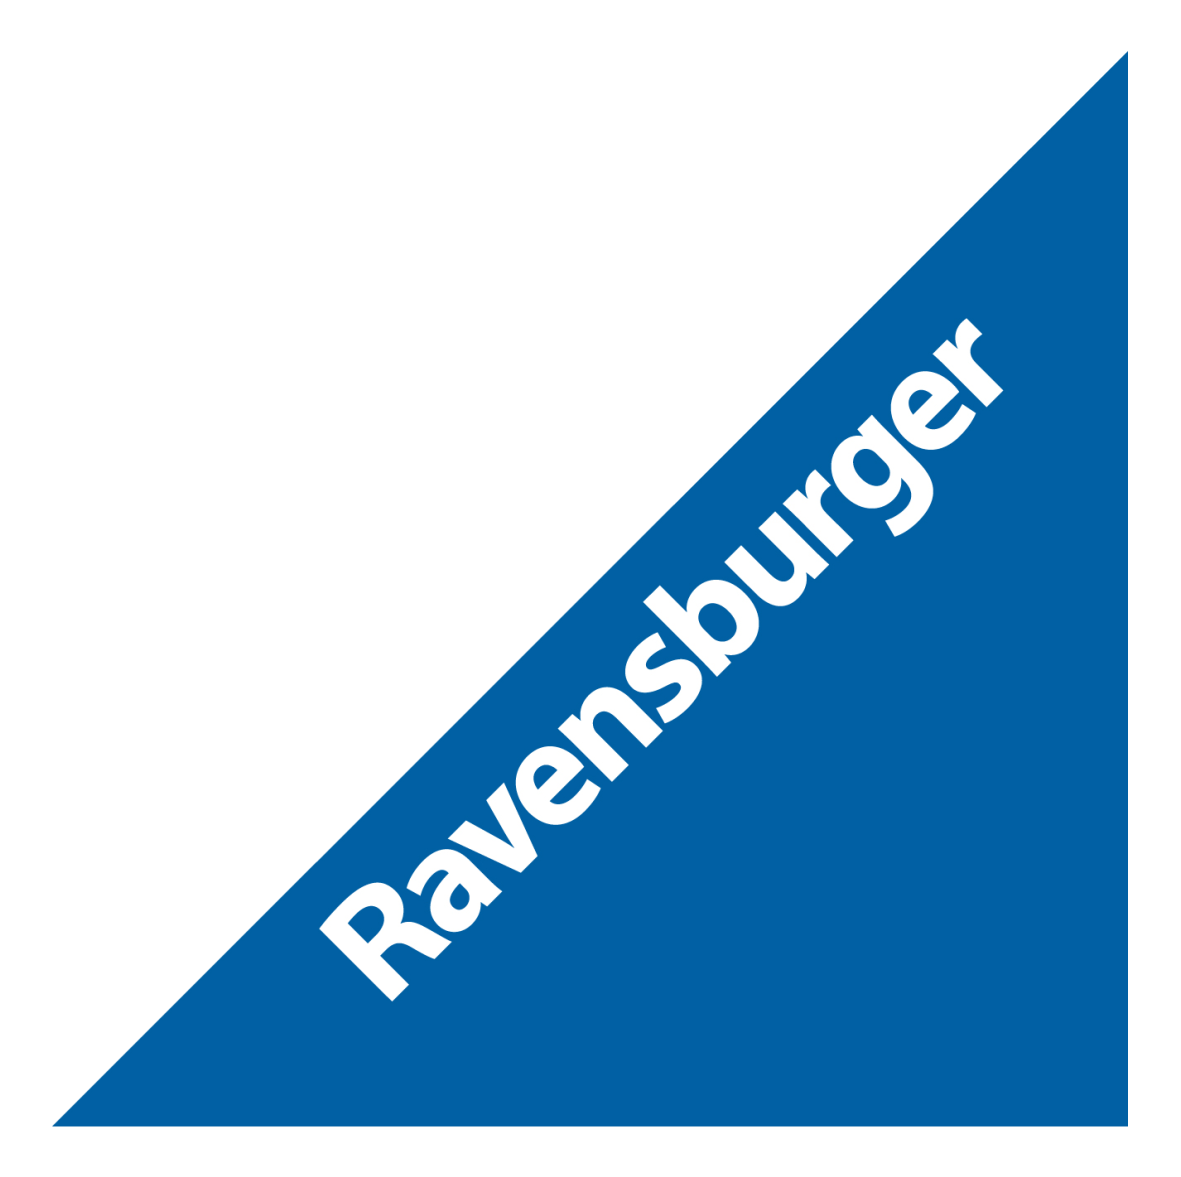 Ravensburger puzzle 1000 pezzi - degas : four ballerinas on stage - Ravensburger1